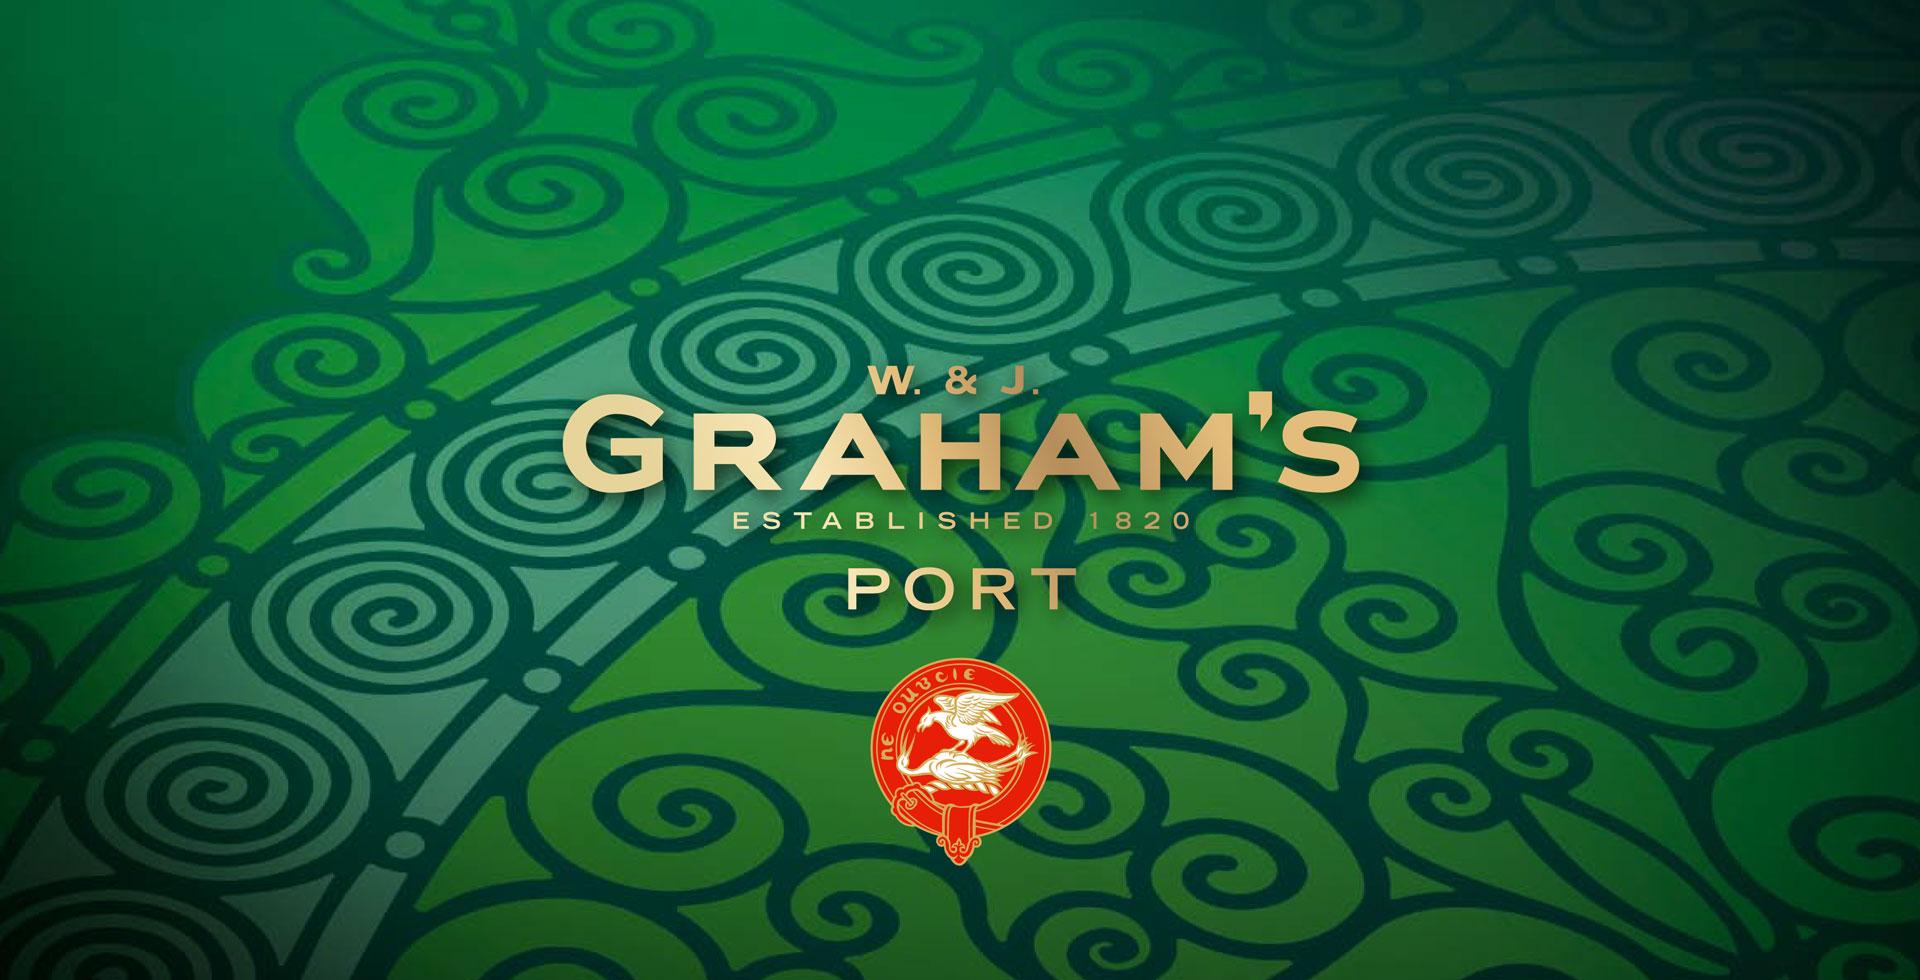 Megusta Graham's Port Trouver son fil vert